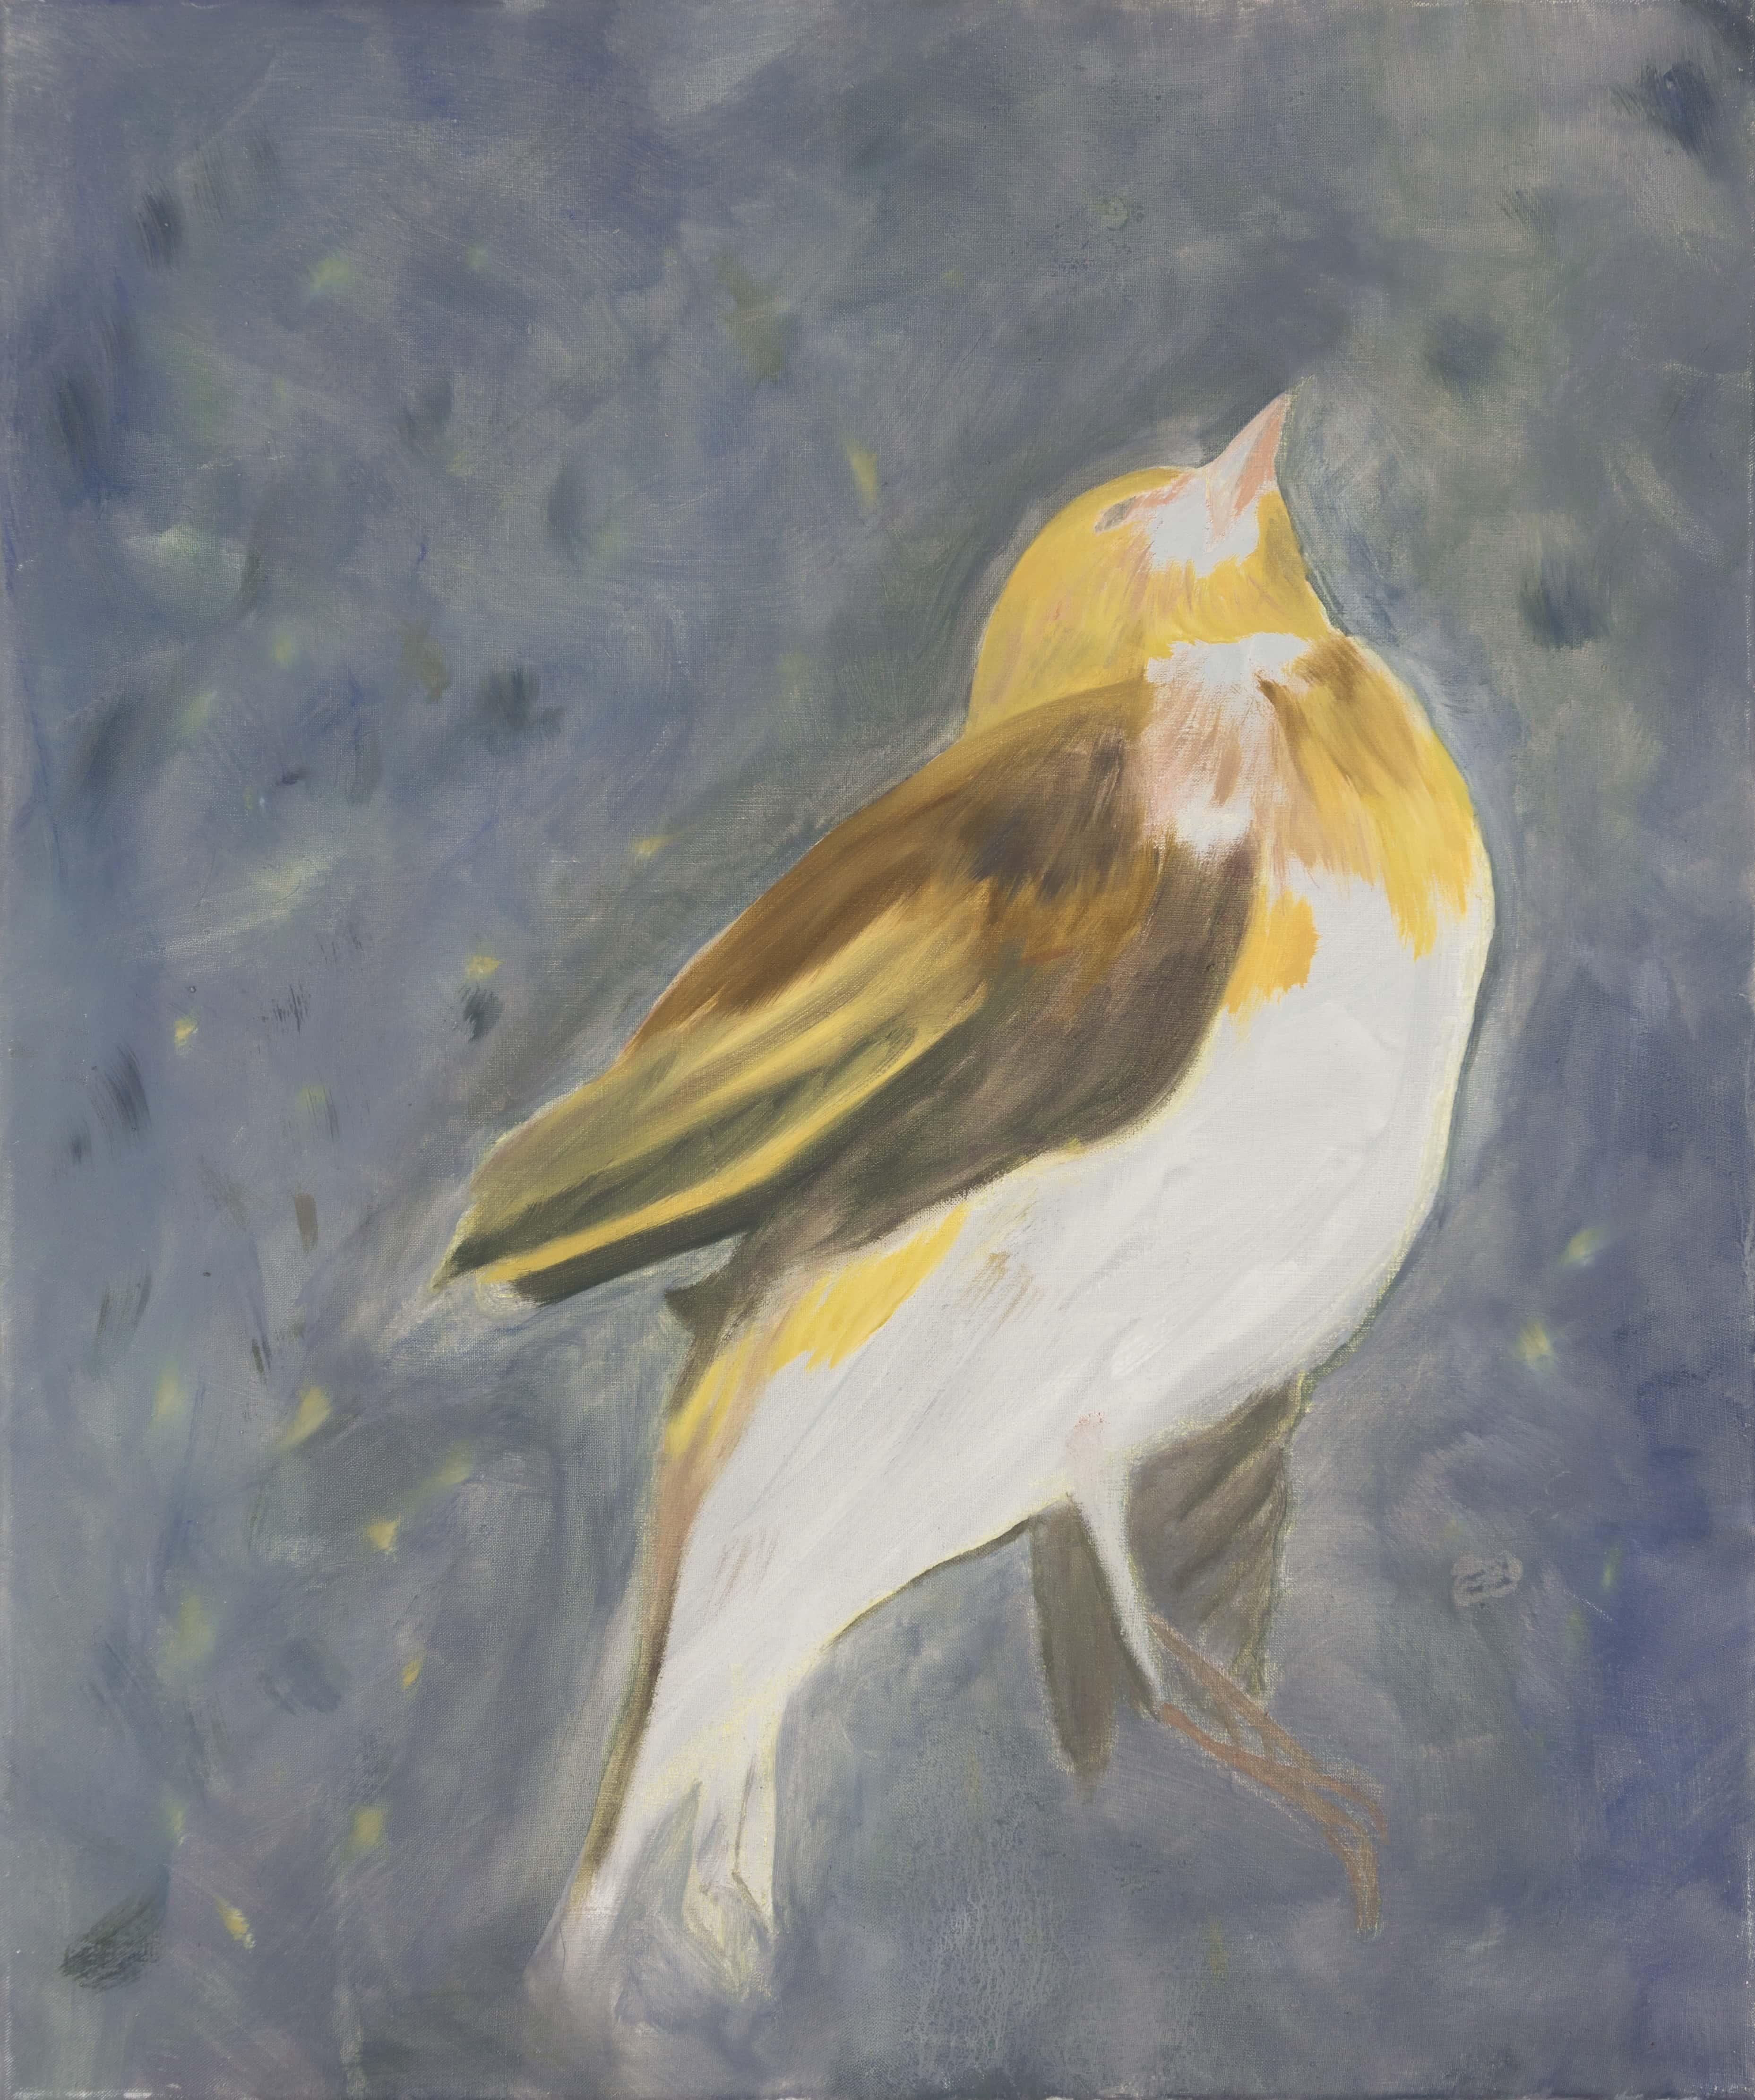 Malerei, Öl auf Leinwand, 50cm x 60cm, Toter Vogel, artist: Franziska King